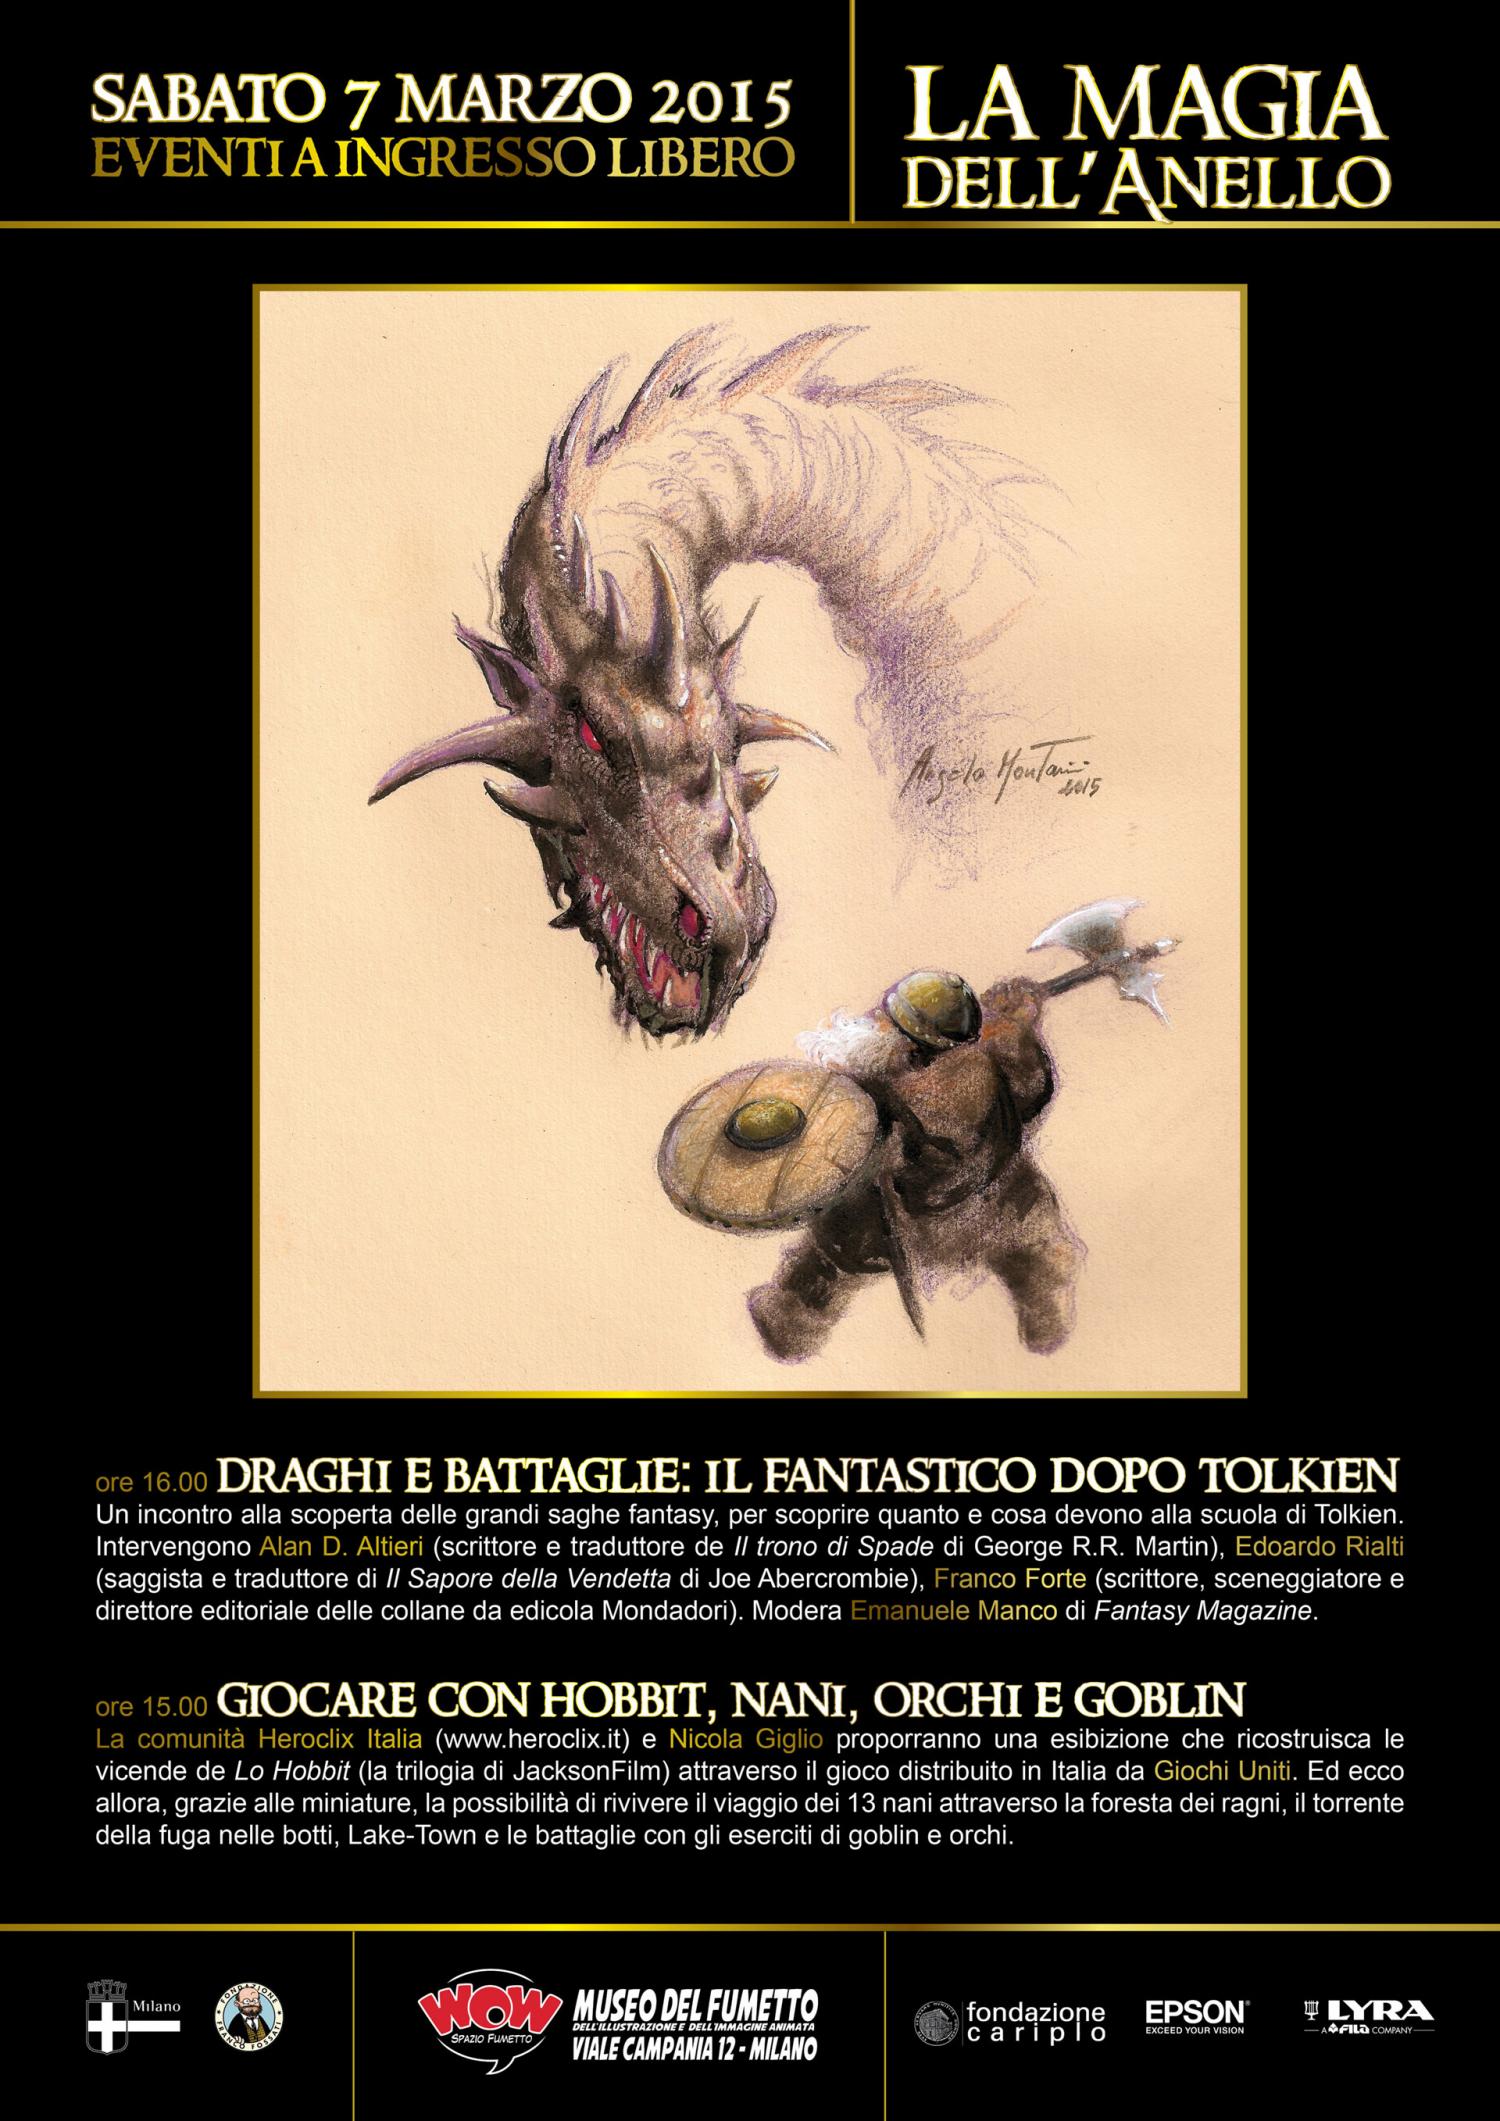 <p>WOW Spazio Fumetto si trasforma nella Terra di Mezzo ospitando una grande mostra dedicata alla saga de &ldquo;Il Signore degli Anelli&rdquo;, a partire dall&rsquo; intrigante figura dell&rsquo;autore dei romanzi J.R.R. Tolkien fino alle fortunate trasposizioni cinematografiche di Peter Jackson, passando dall&rsquo;opera dei grandi illustratori, dalle parodie, dal collezionismo e dagli altri mille mondi che compongono questa moderna mitologia fantasy. Grazie alla collaborazione dei pi&ugrave; importanti collezionisti ed esperti, come la Societ&agrave; Tolkieniana Italiana , Dama Collection , il Greisinger Museum (unico museo al mondo dedicato alla Terra di Mezzo) e Fermo immagine &ndash; Museo del Manifesto Cinematografico, i visitatori potranno avventurarsi in un viaggio unico che permetter&agrave; di scoprire come dalle parole si sia passati alle immagini: edizioni rare, dipinti, illustrazioni, tavole originali,fotografie, manifesti cinematografici, locandine, fotobuste, video, statue, action figures, videogames, giochi da tavolo, gadget, libri, fantastici plastici realizzati con migliaia di mattoncini LEGO e molto altro&hellip; Per immergersi ancora di pi&ugrave; nella Terra di Mezzo e scoprirne tutti i segreti, il visitatore potr&agrave; interagire con le installazioni multimediali realizzate in collaborazione con GlobalMedia e Epson. Grazie alla Mappa interattiva della Terra di Mezzo sar&agrave; possibile visualizzare clip delle principali scene tratte dalle due trilogie cinematografiche, scoprendo dove si sono svolte le battaglie pi&ugrave; epiche e gli incontri pi&ugrave; spettacolari. Inoltre il visitatore potr&agrave; tentare di rubare l&#39;Unico Anello alla statua di Gollum: provateci e ne scoprirete le conseguenze! E in pi&ugrave; laboratori, incontri, giornate ludiche e tanti appuntamenti all&rsquo;insegna del mondo tolkieniano per testimoniare come l&rsquo;opera nata dall&rsquo;estro di Tolkien alimenti il nostro immaginario da oltre settant&rsquo;an